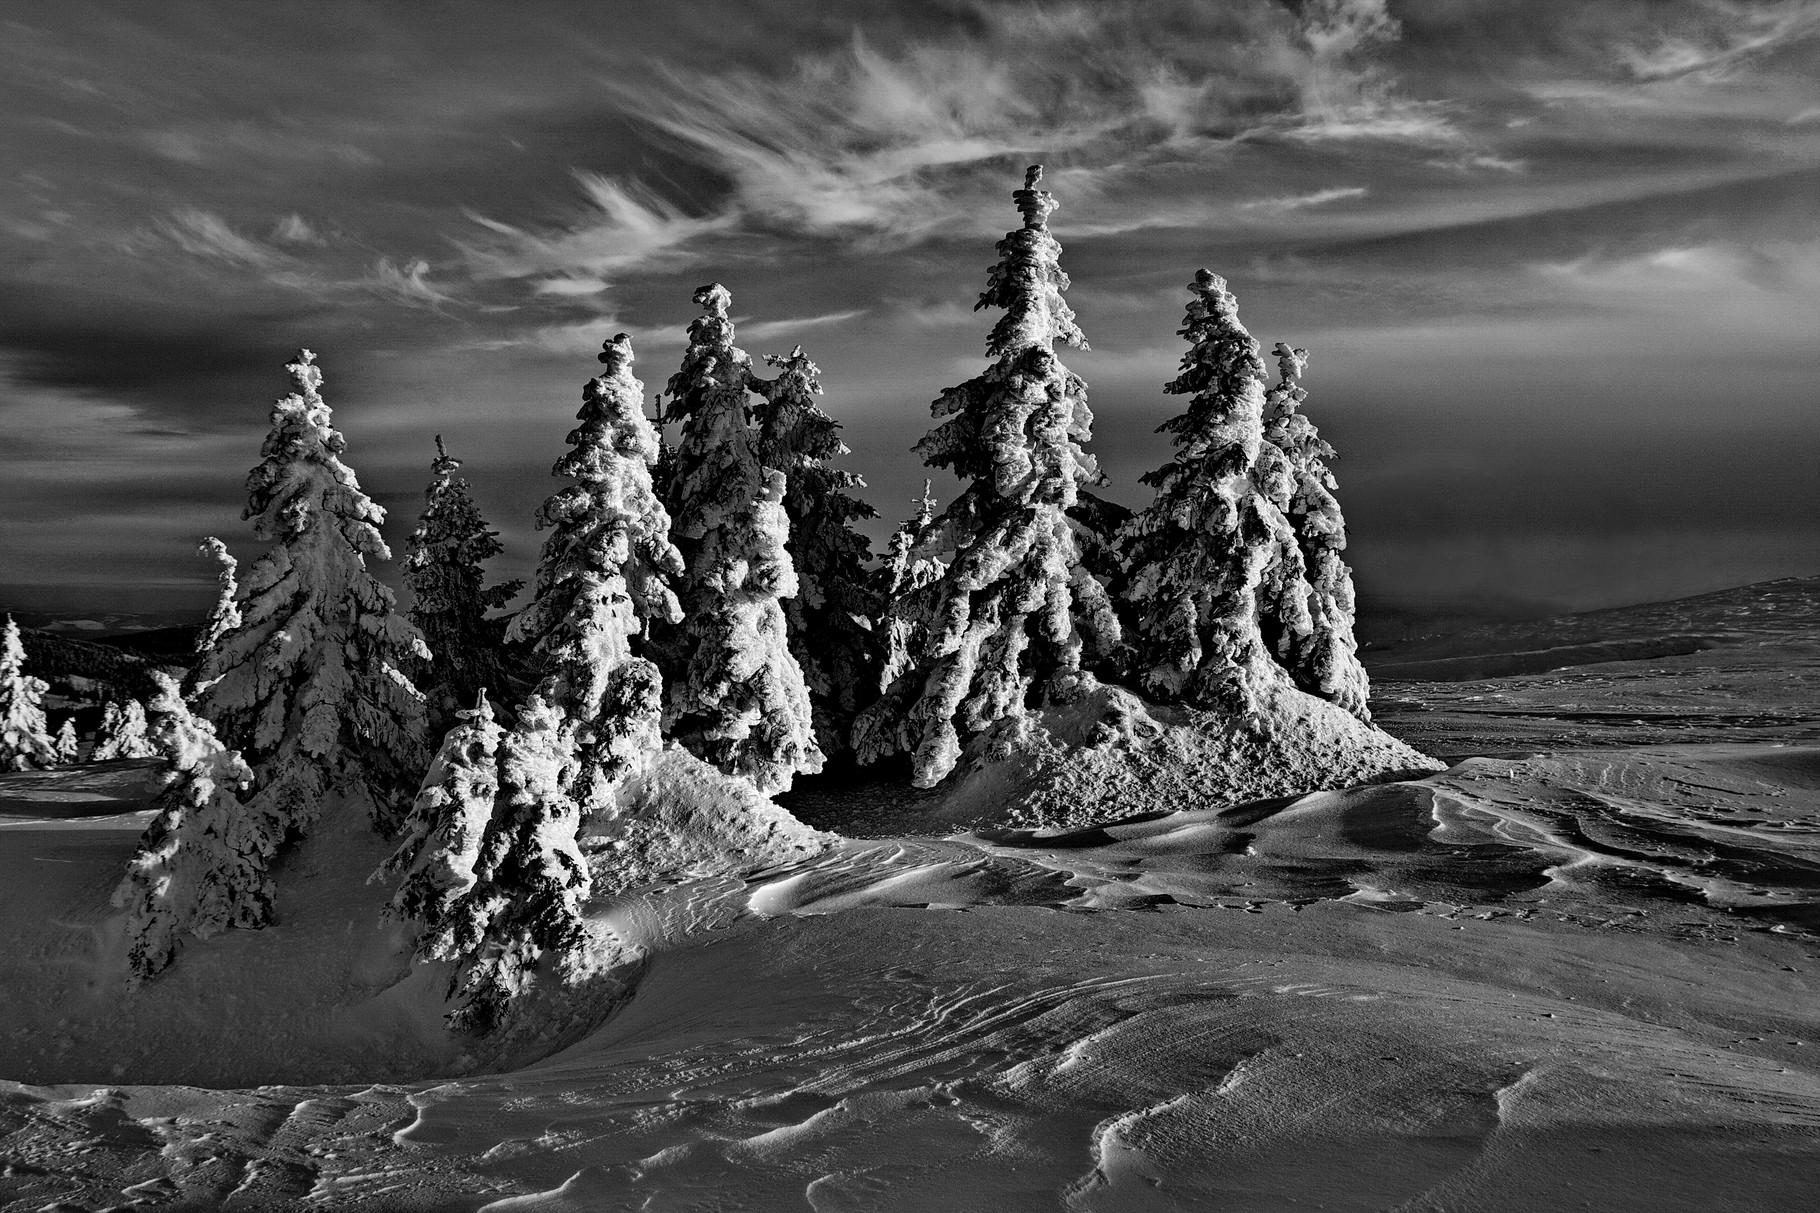 D-Bronz CPSz-Zsolt András (RO) - Winter Dream/ Vis de iarna